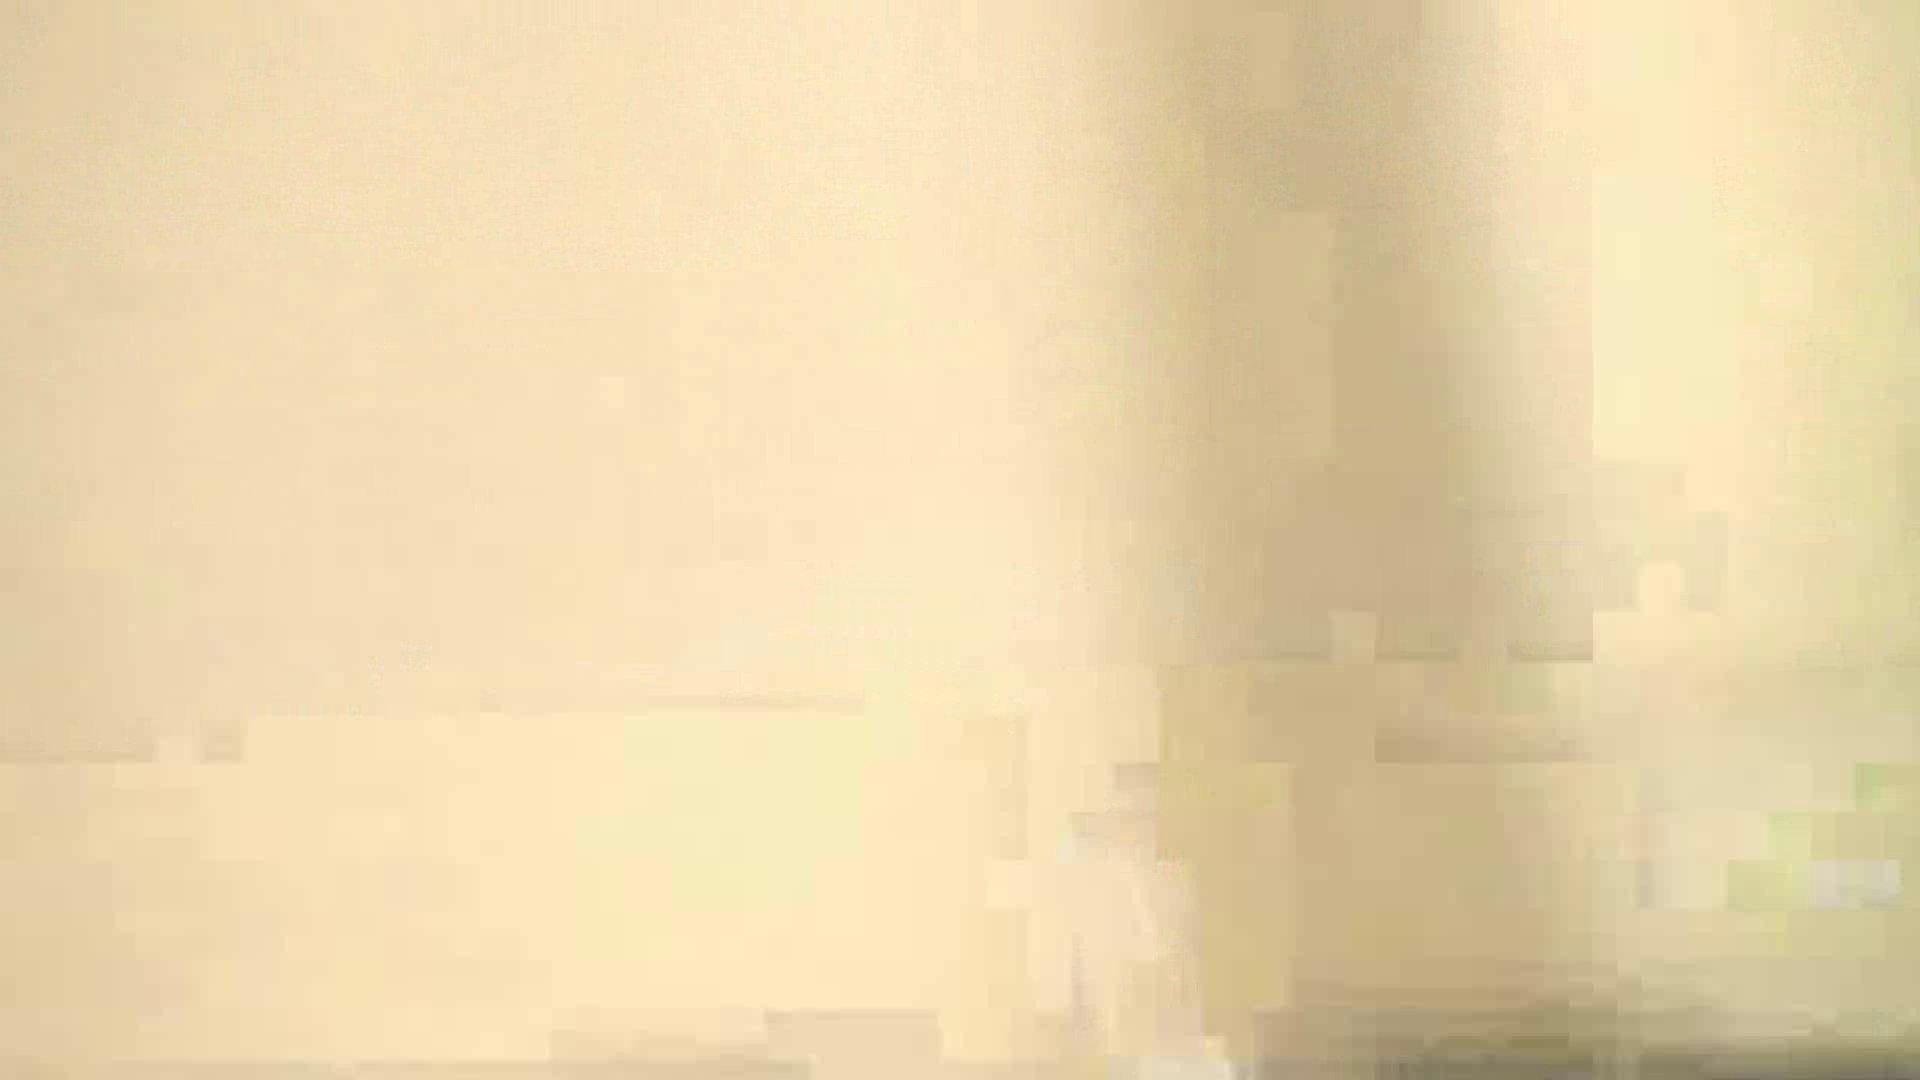 ロックハンドさんの盗撮記録File.38 マンコ無修正 盗み撮りAV無料動画キャプチャ 94画像 11